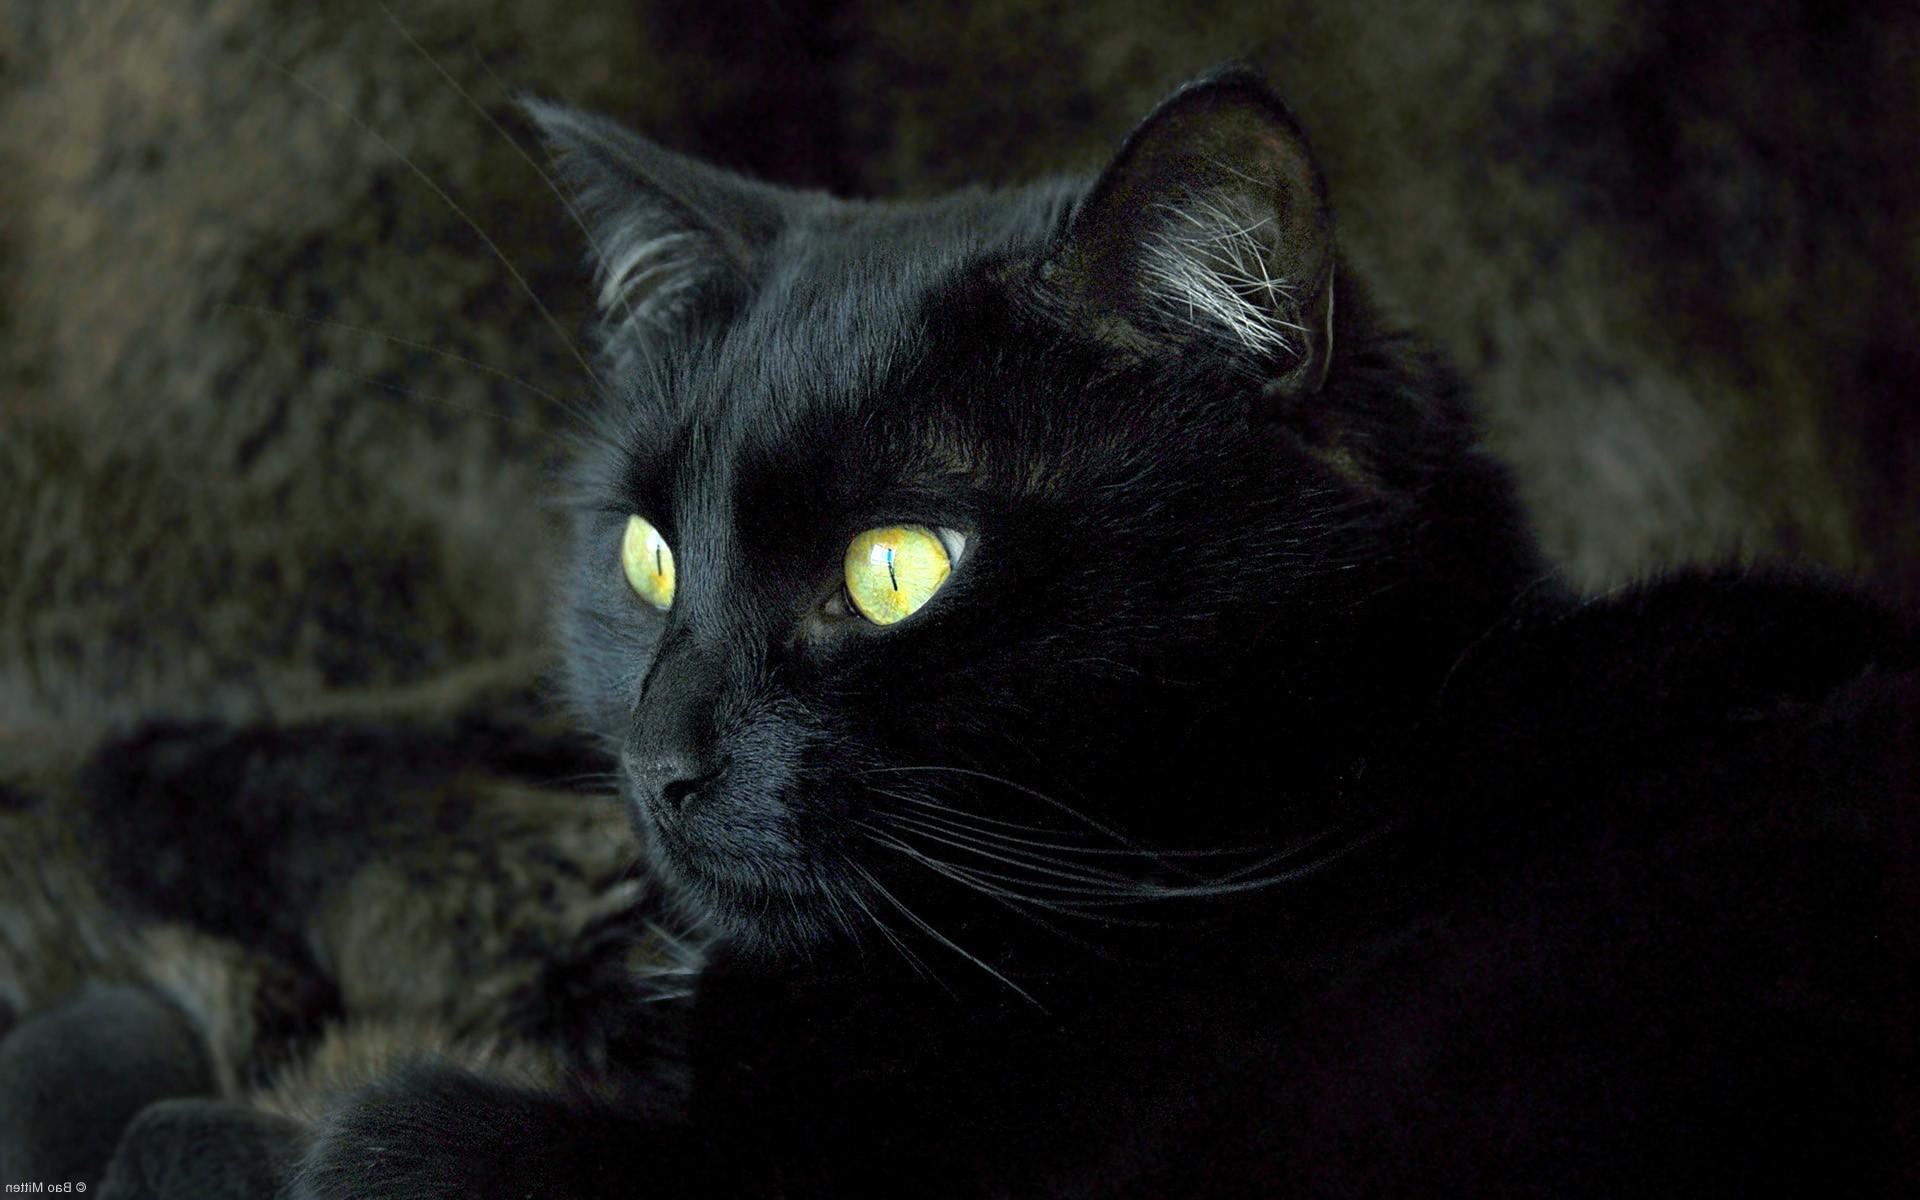 обои на рабочий стол черная кошка с зелеными глазами № 174189 без смс